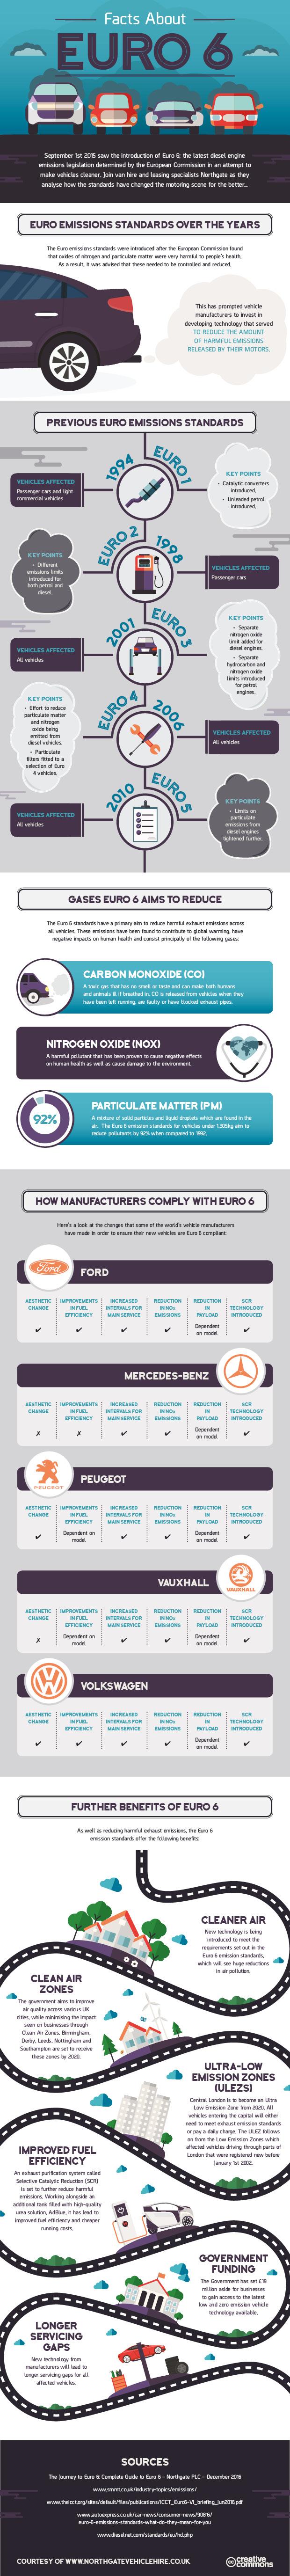 Euro 6 infographic